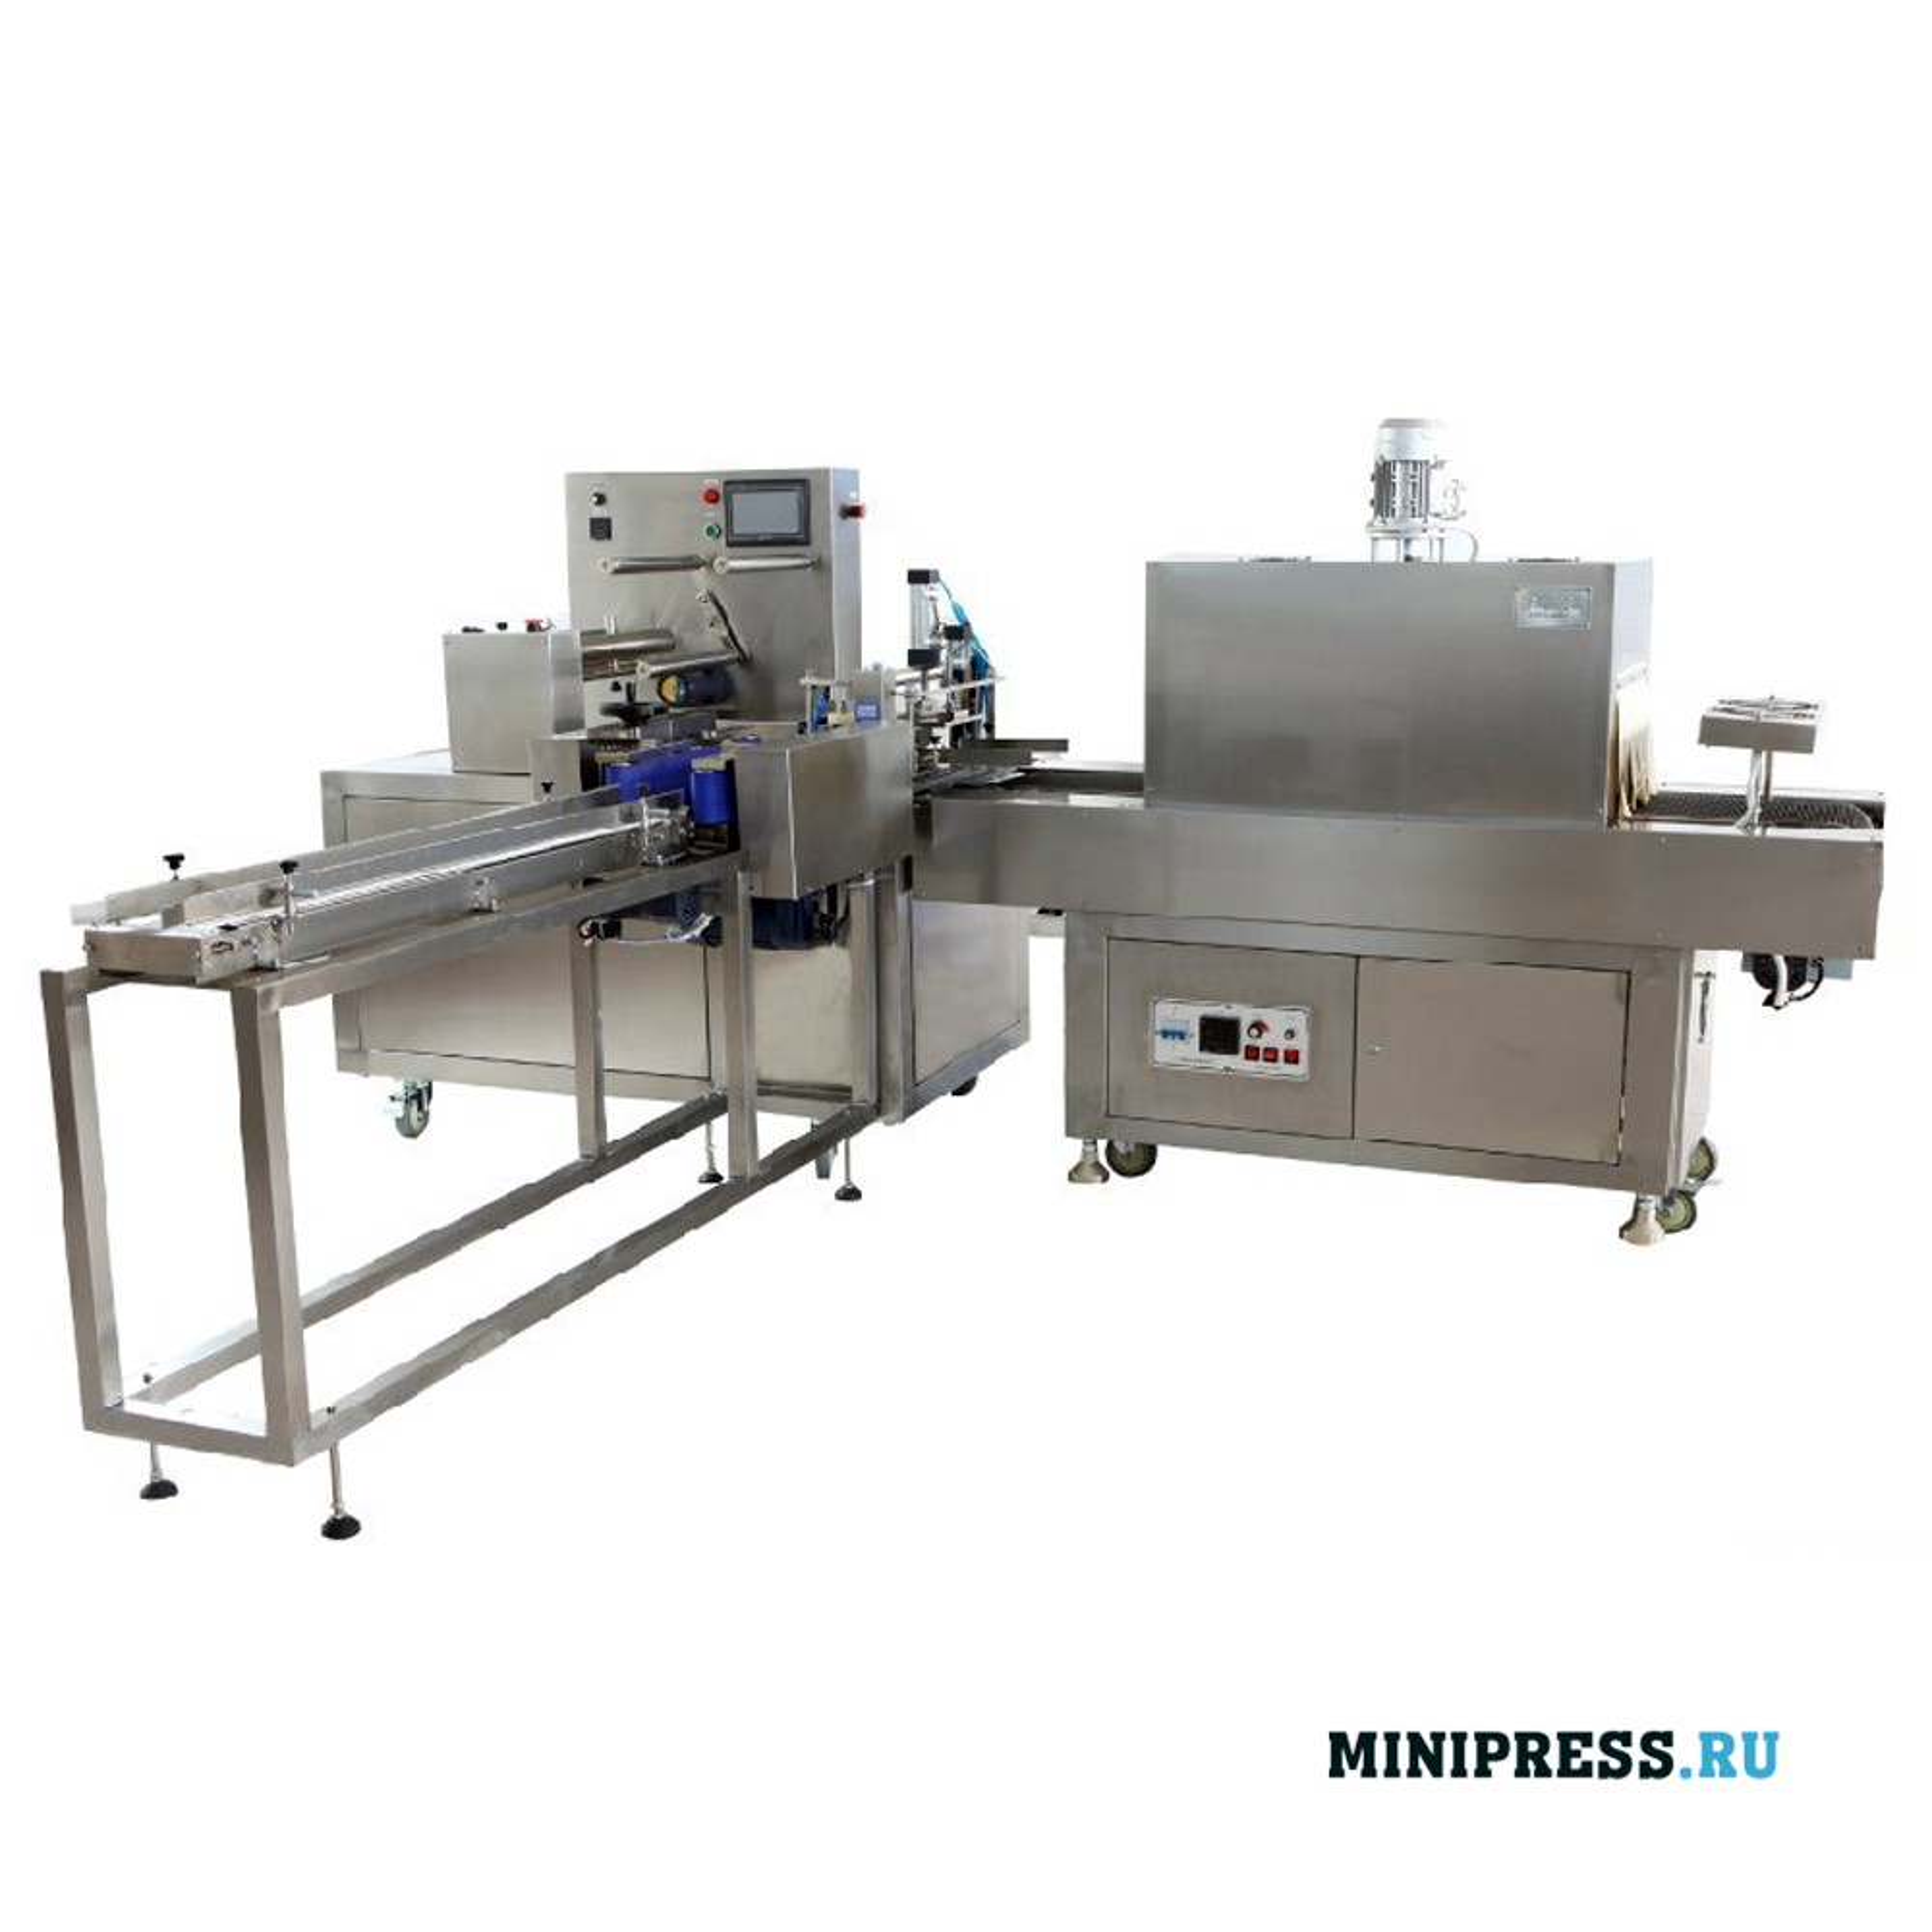 Высокоскоростное оборудование для упаковки в термоусадочную пленку с запайкой и обрезкой